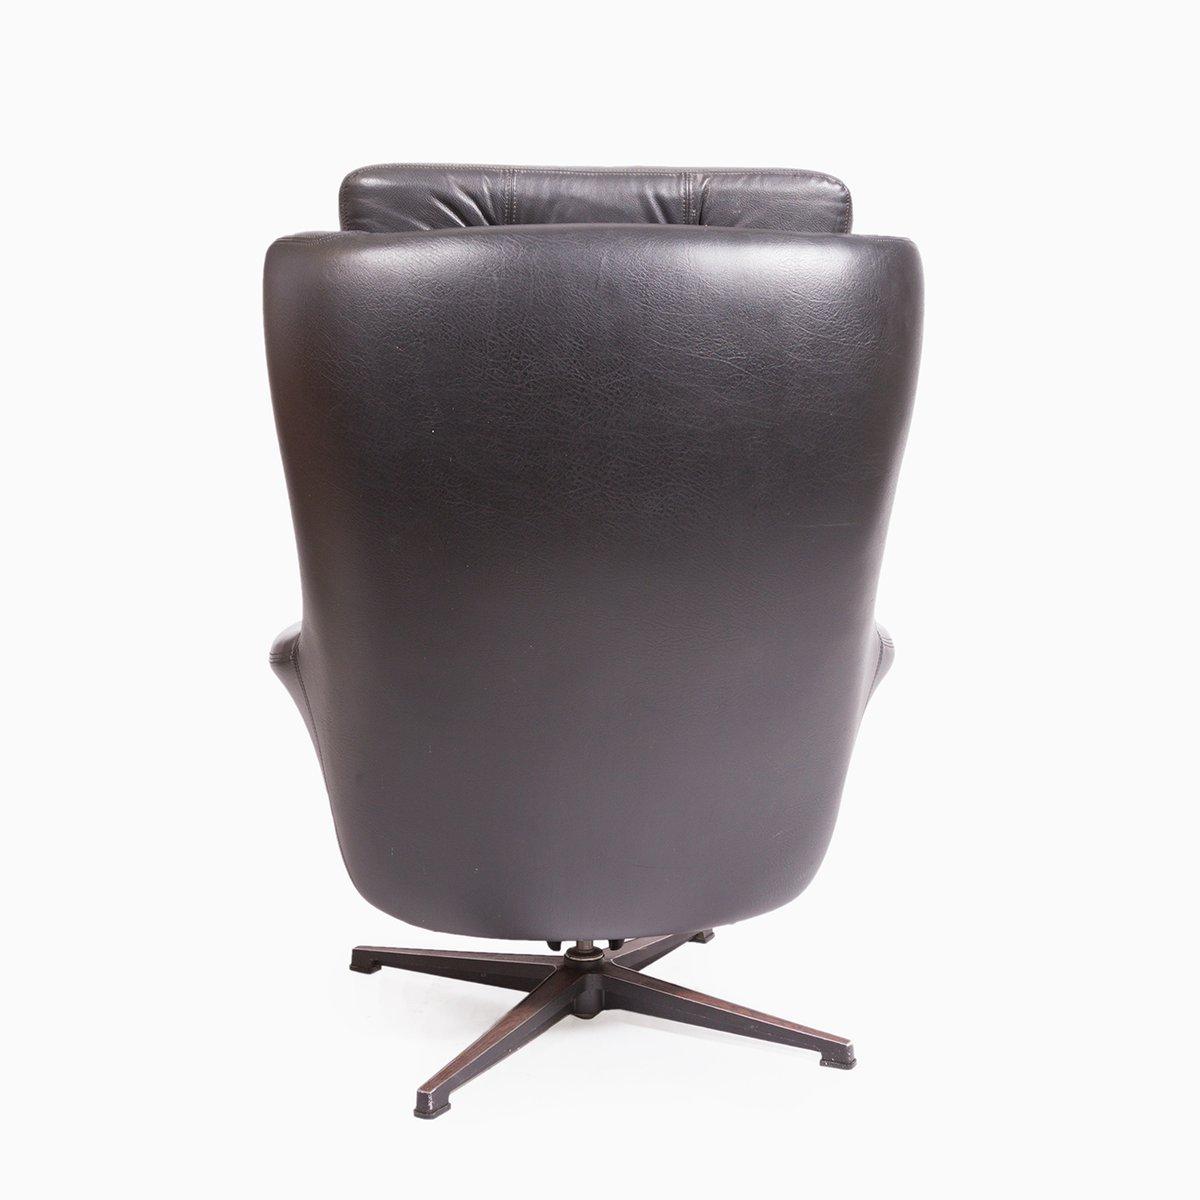 Sedia a dondolo in pelle di peem anni 39 70 in vendita su for Sedia design anni 70